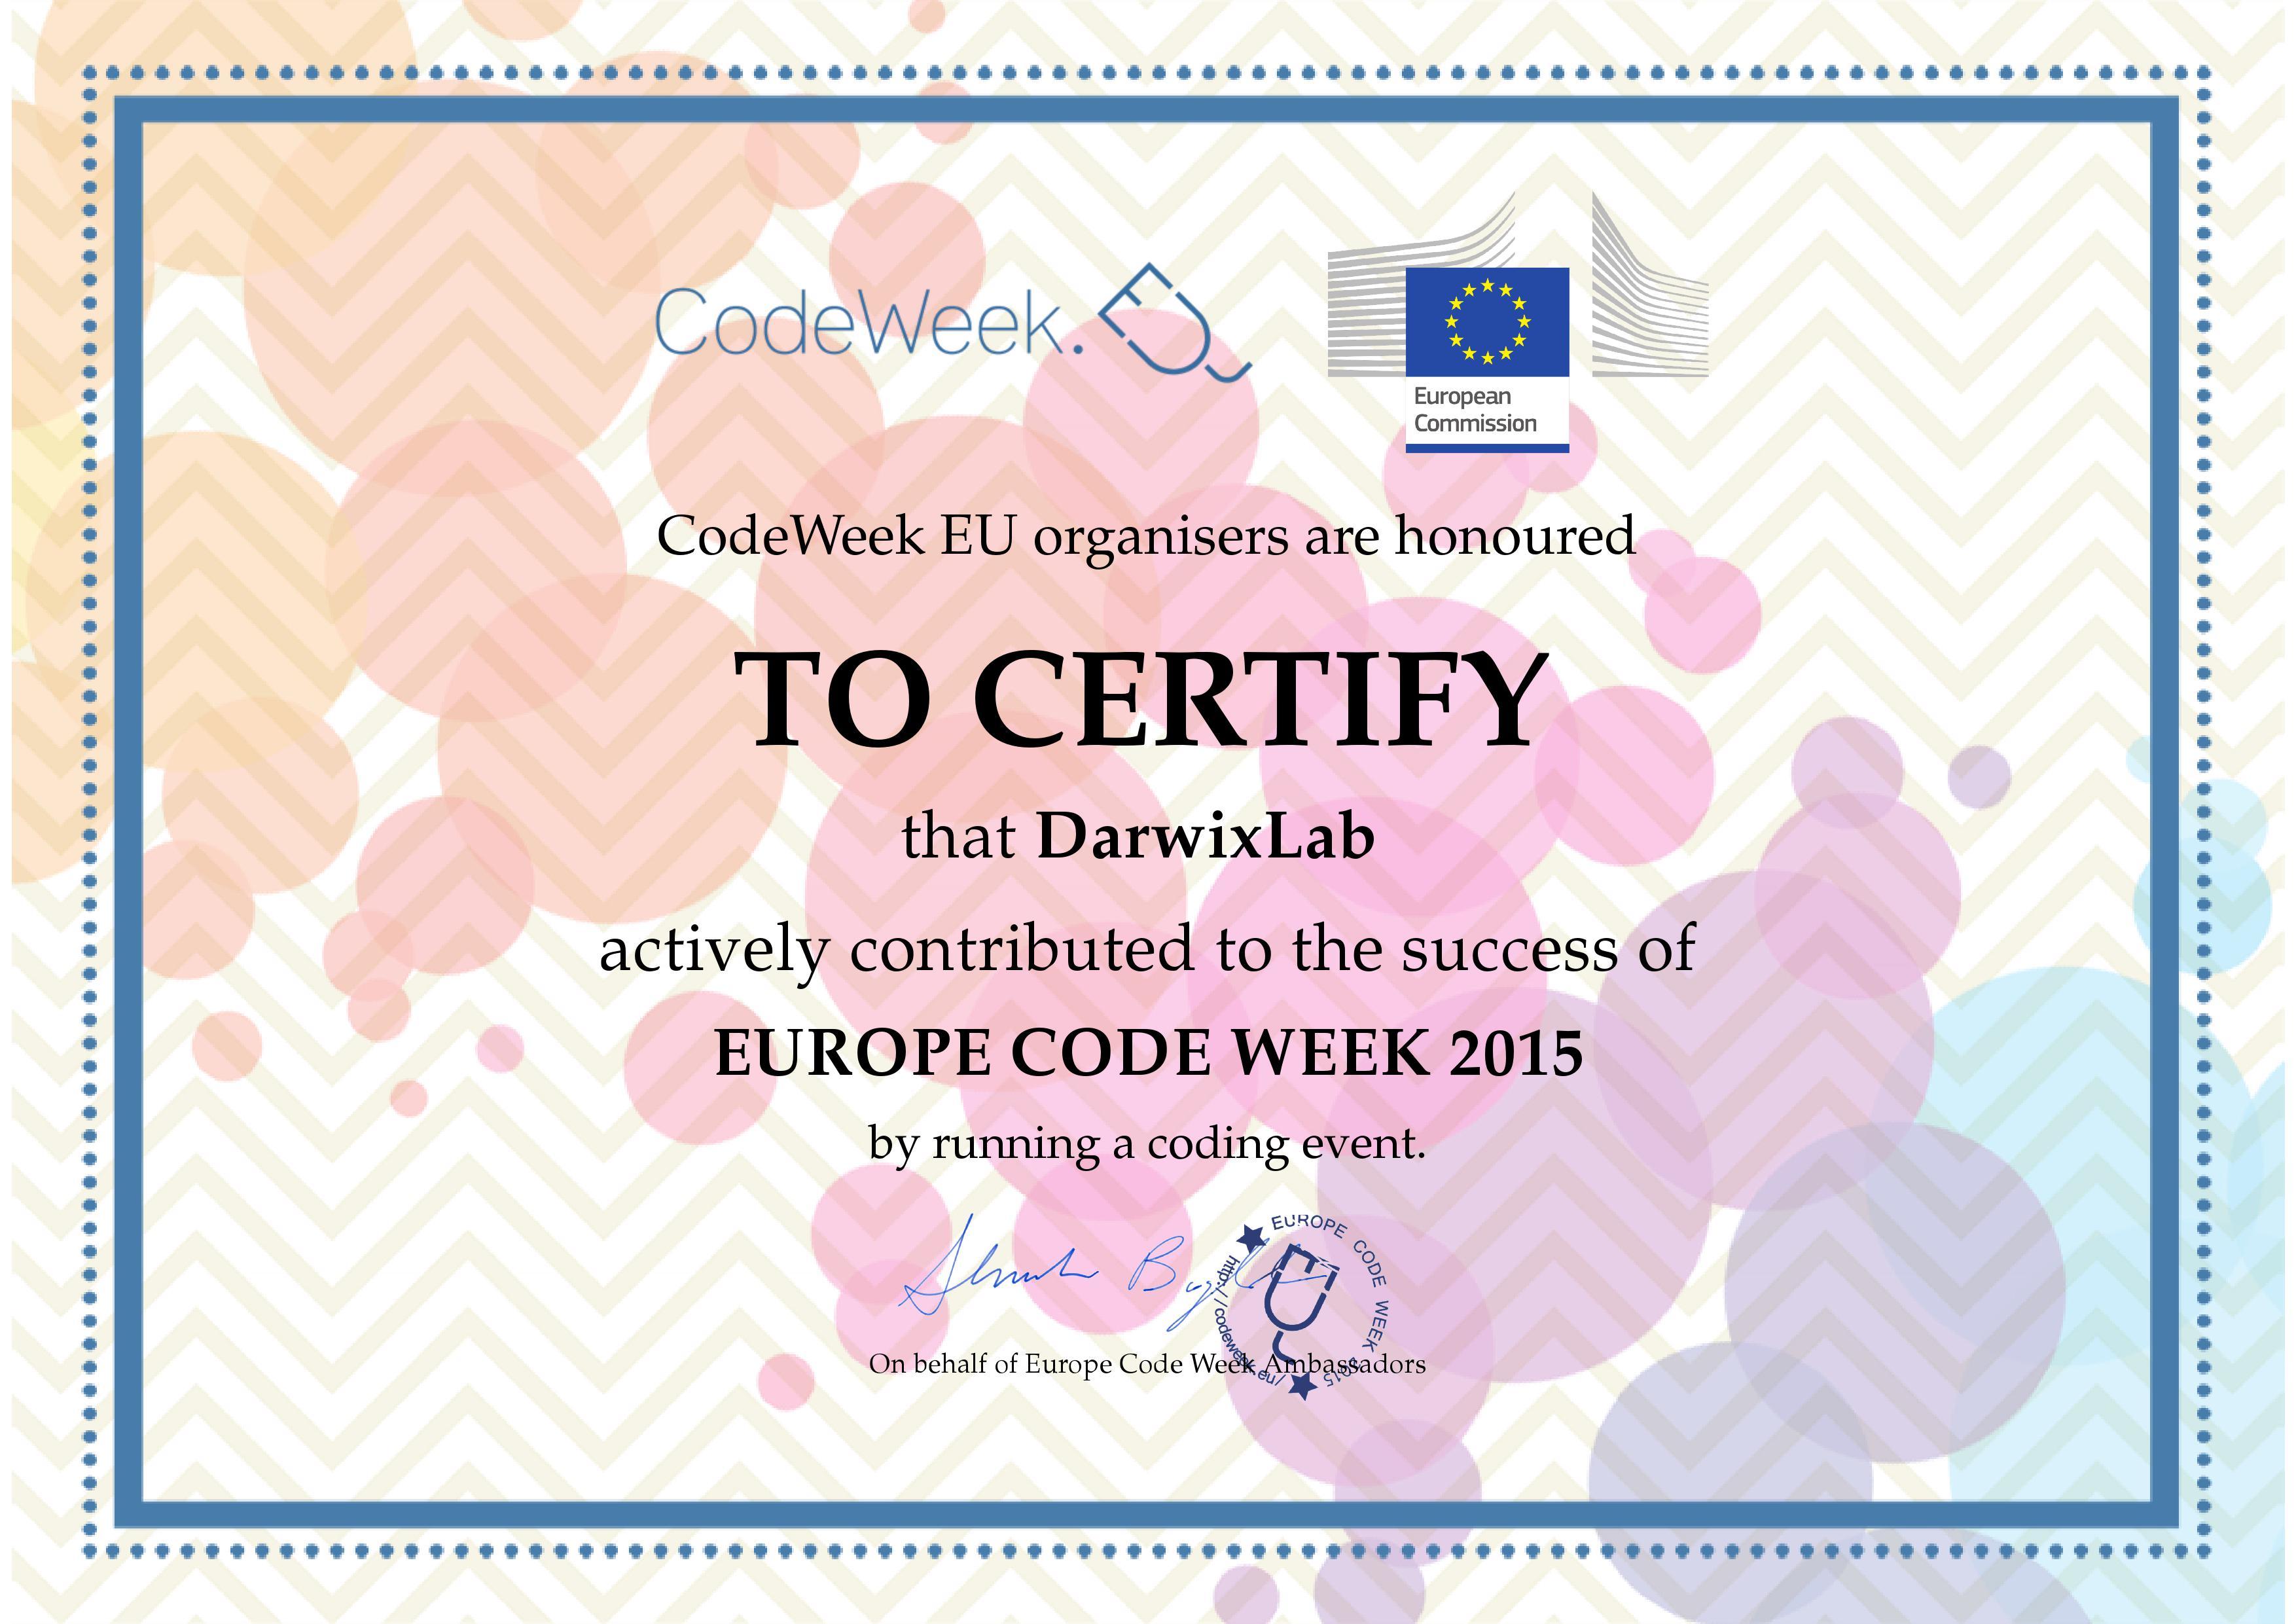 Partecipazione alla CodeWeek 2015